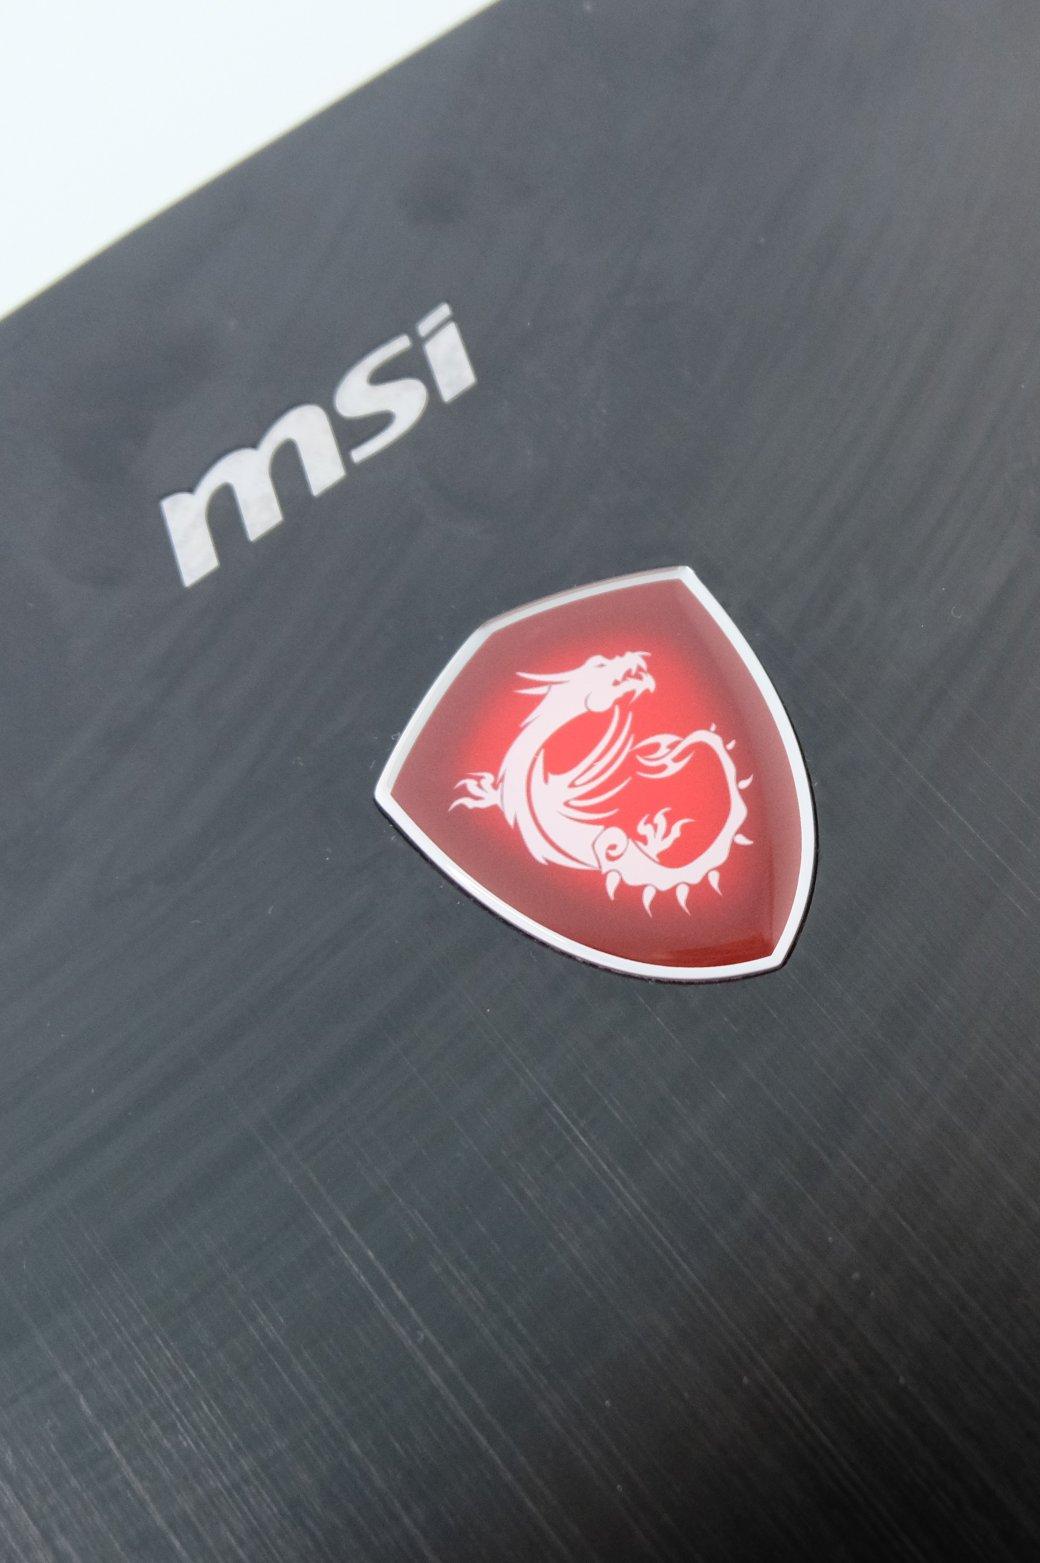 Обзор MSI GT75VR 7RF Titan Pro: нуженли вам игровой ноутбук с4K-экраном. - Изображение 12